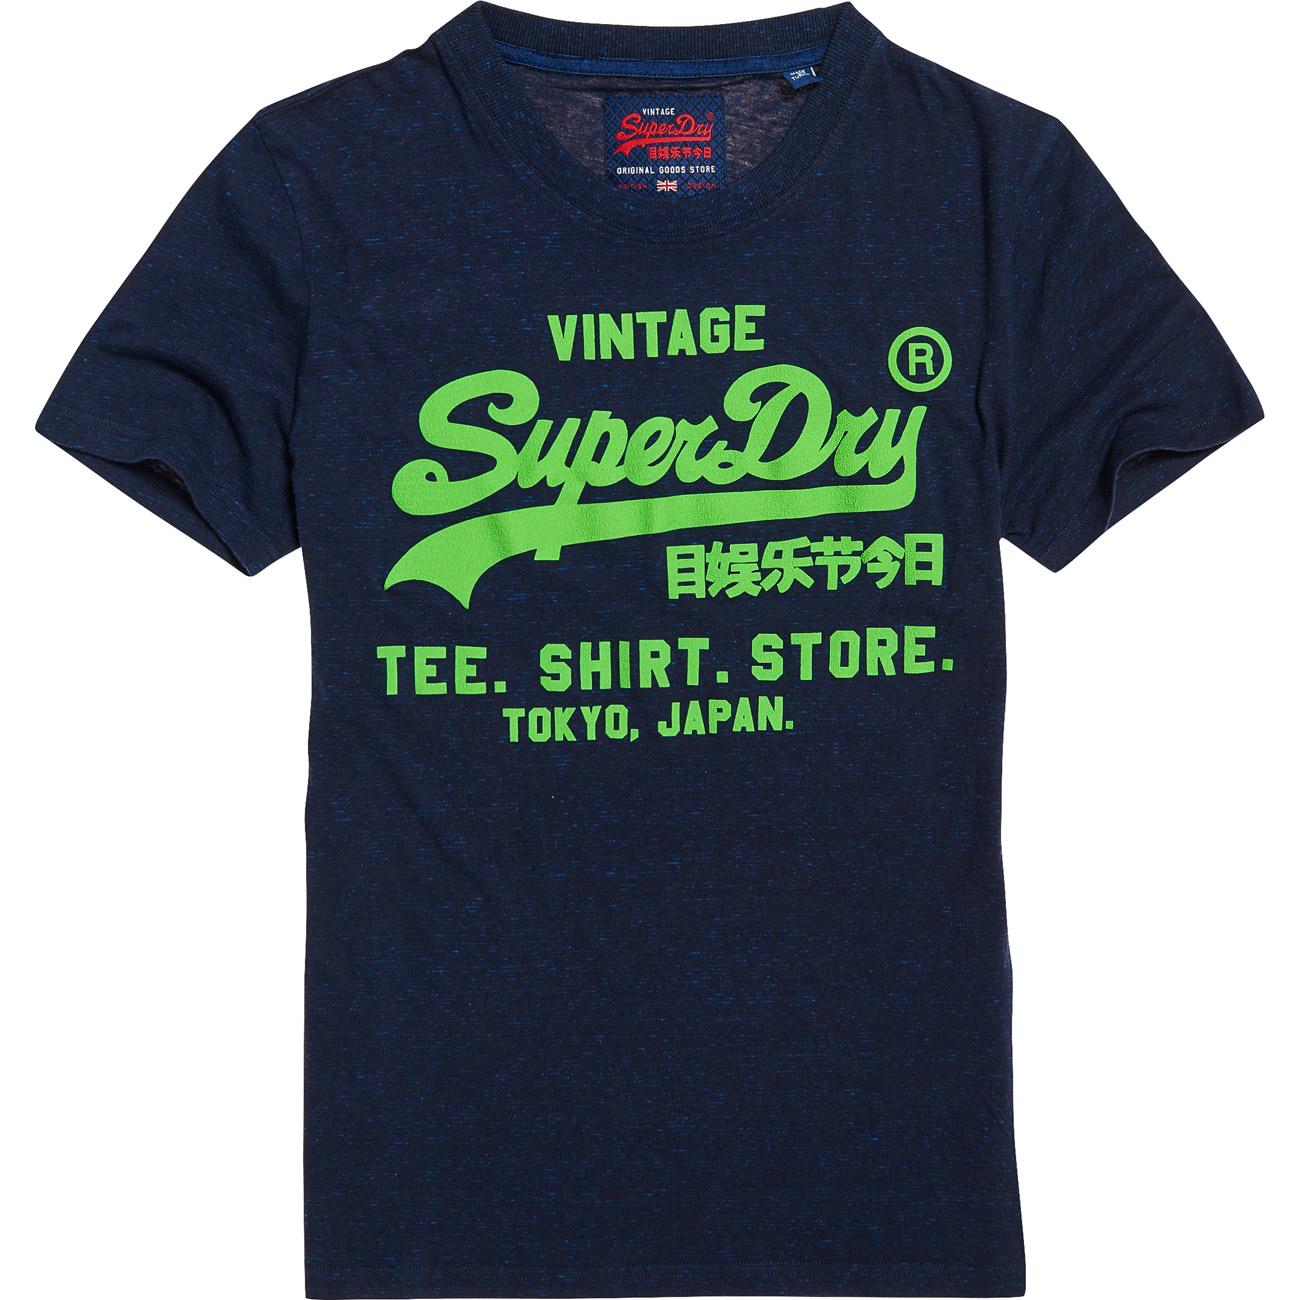 superdry herren t shirt shirt shop lite tee. Black Bedroom Furniture Sets. Home Design Ideas